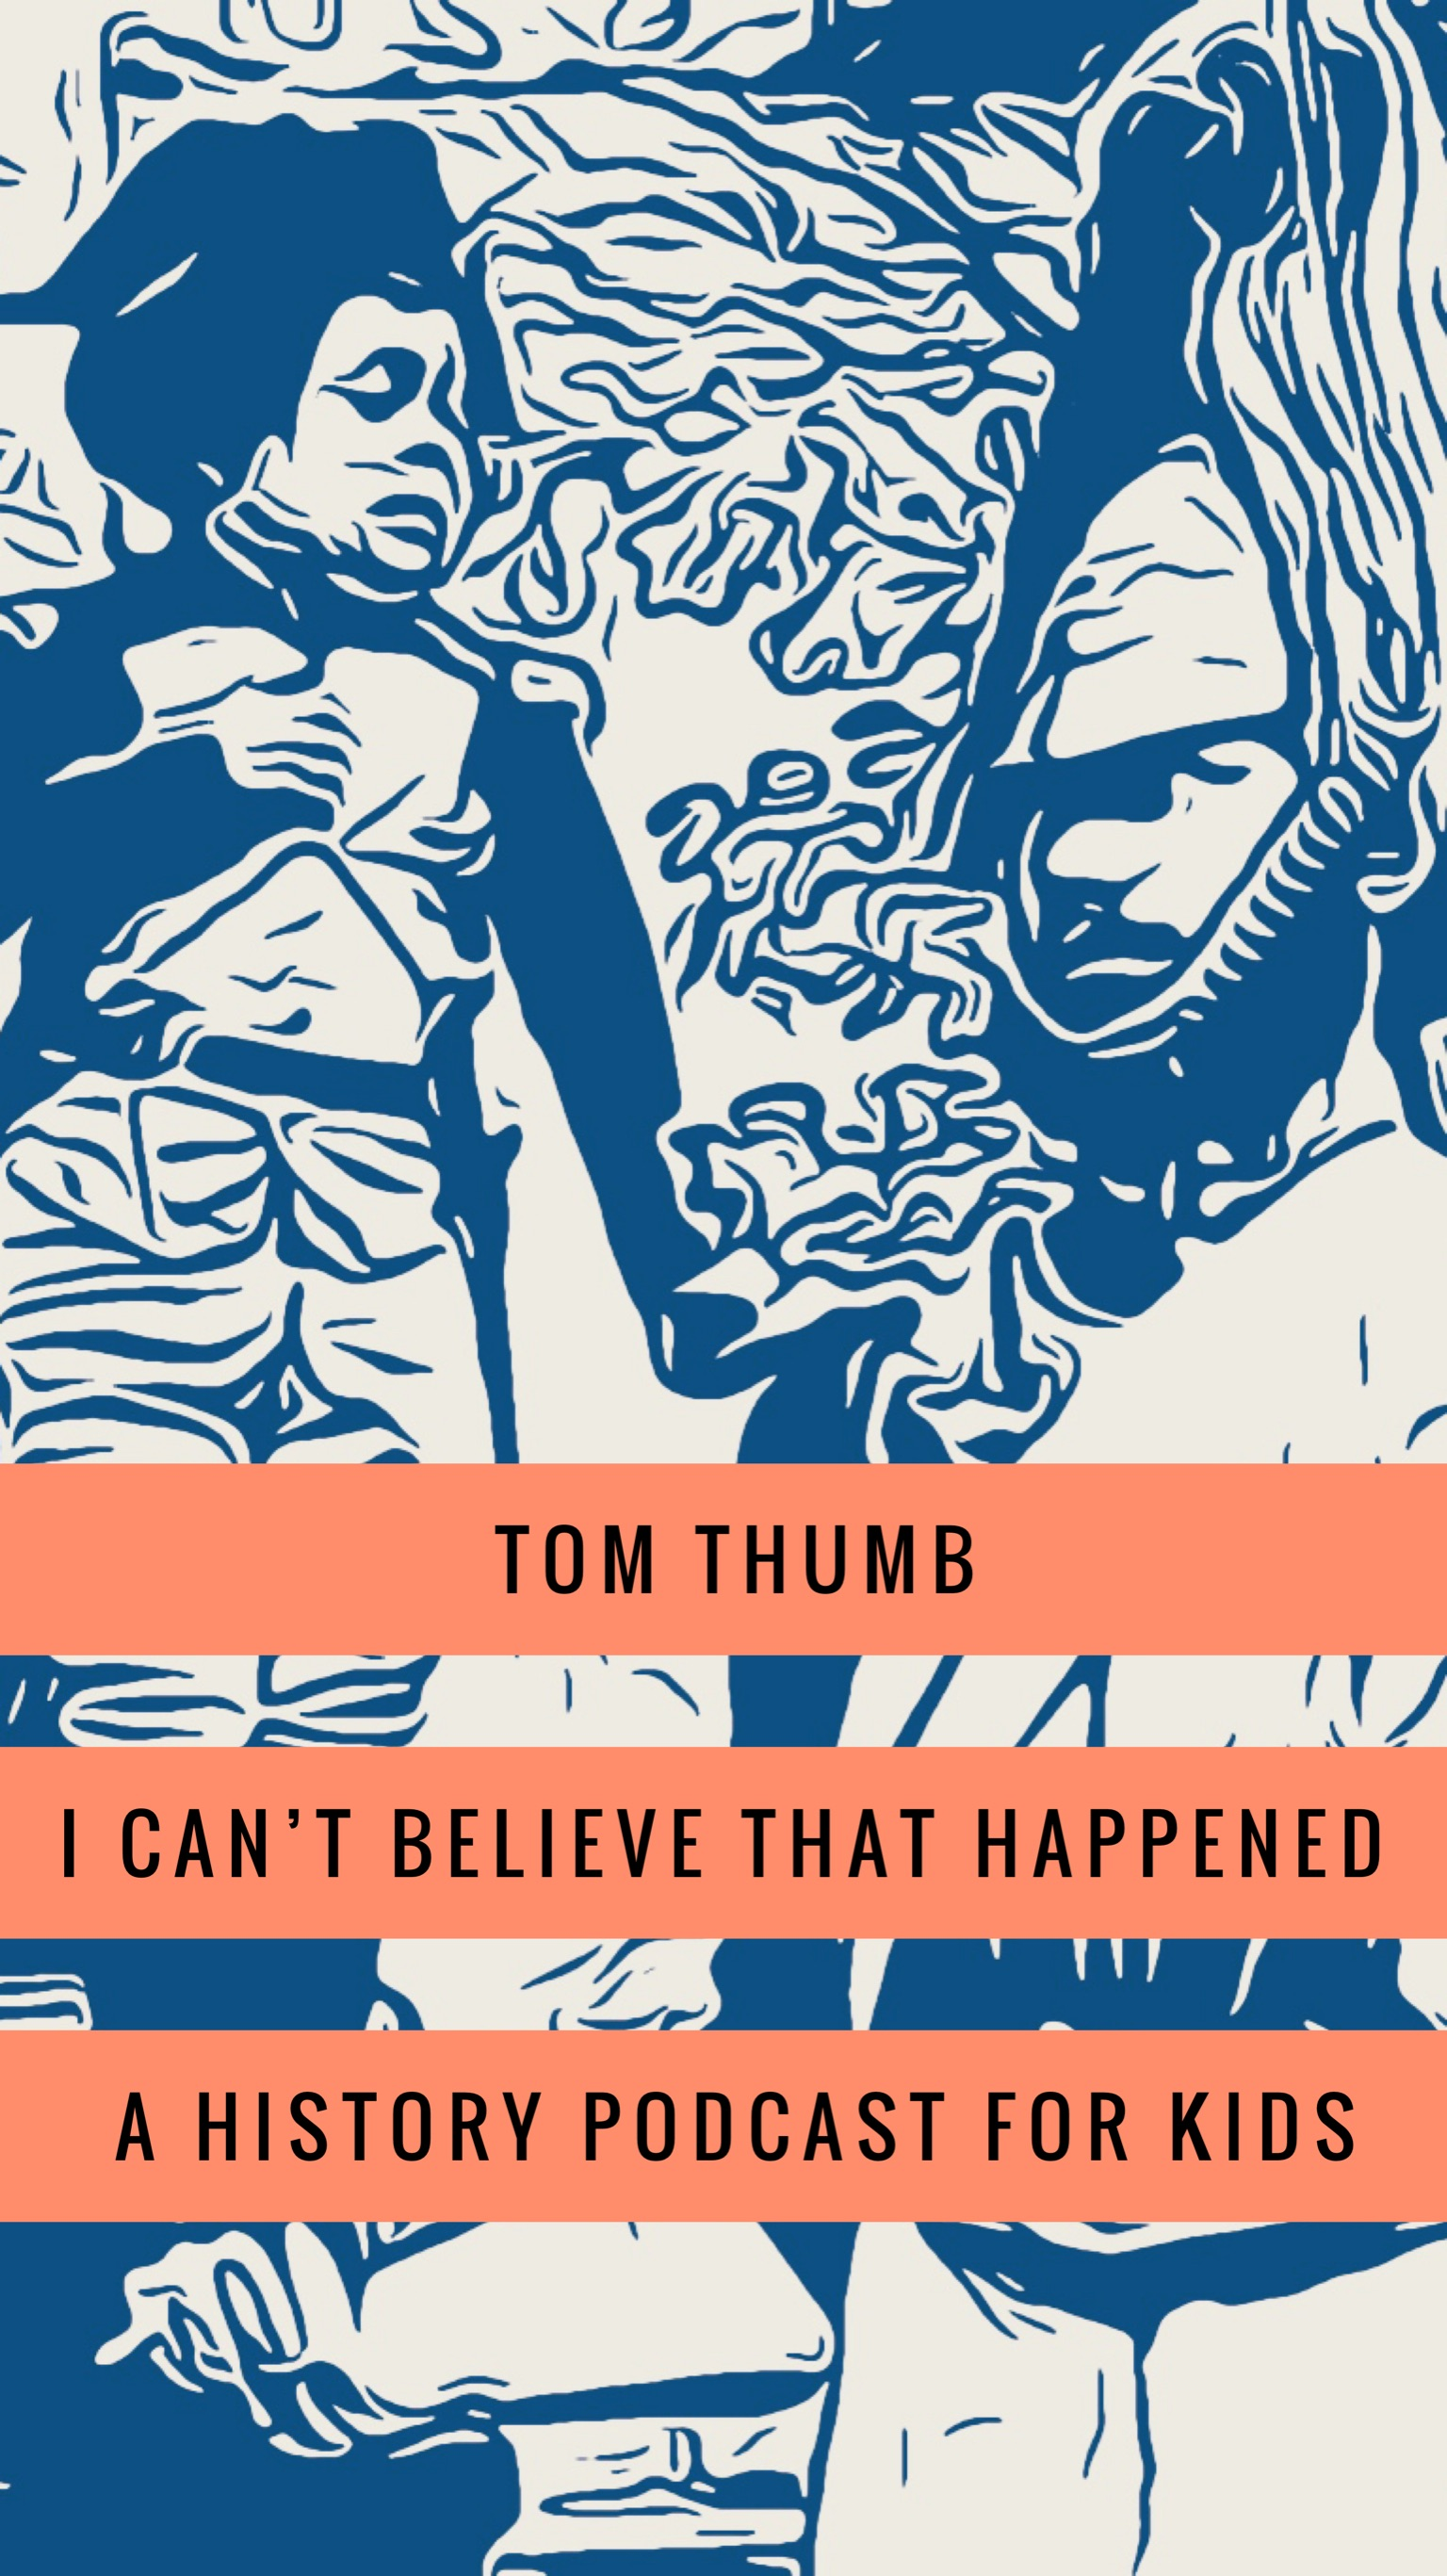 tom-thumb-history-podcast-for-kids.jpg